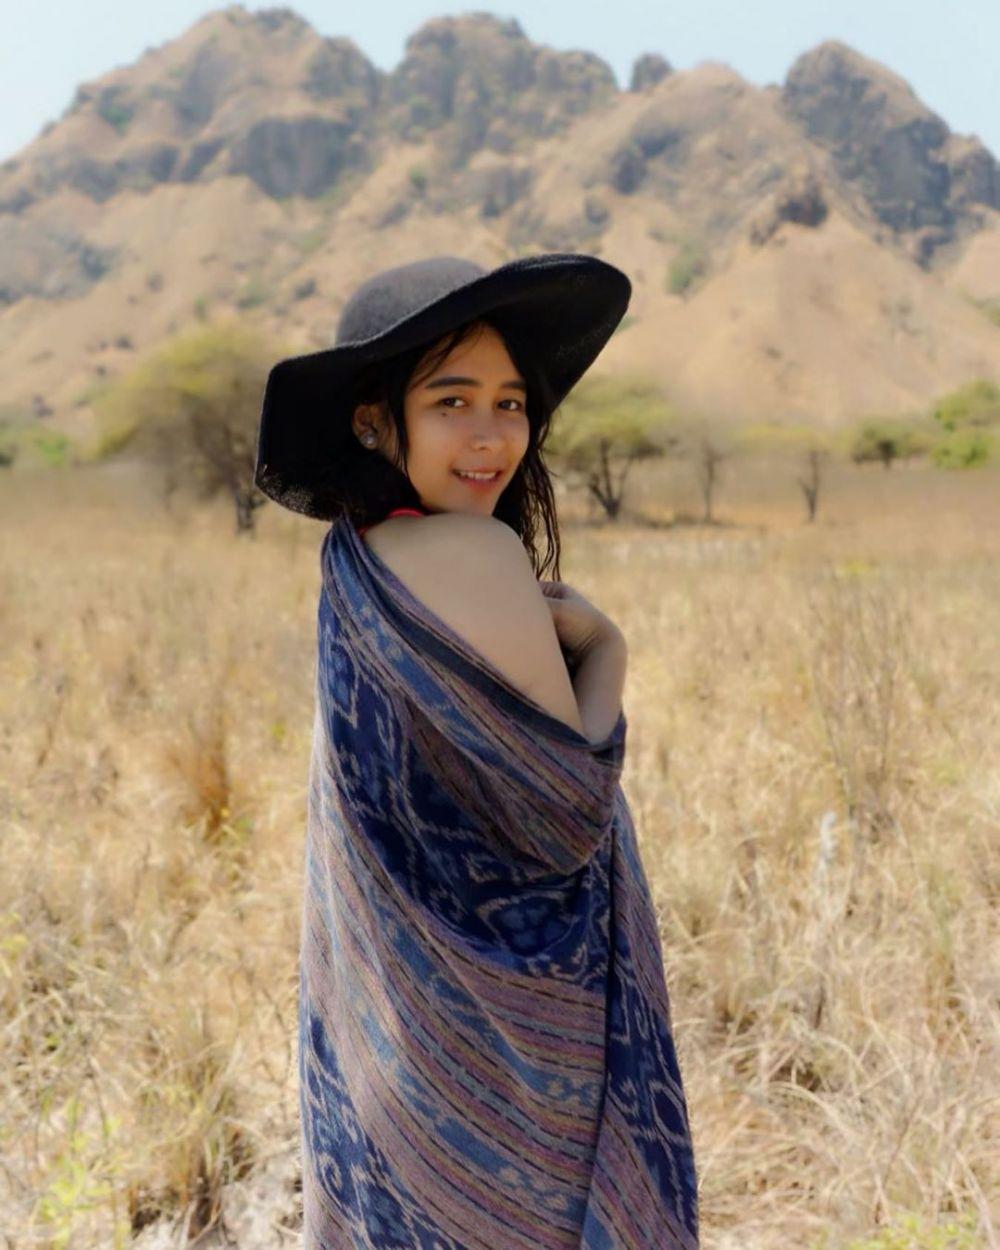 adik penyanyi dangdut © 2020 brilio.net